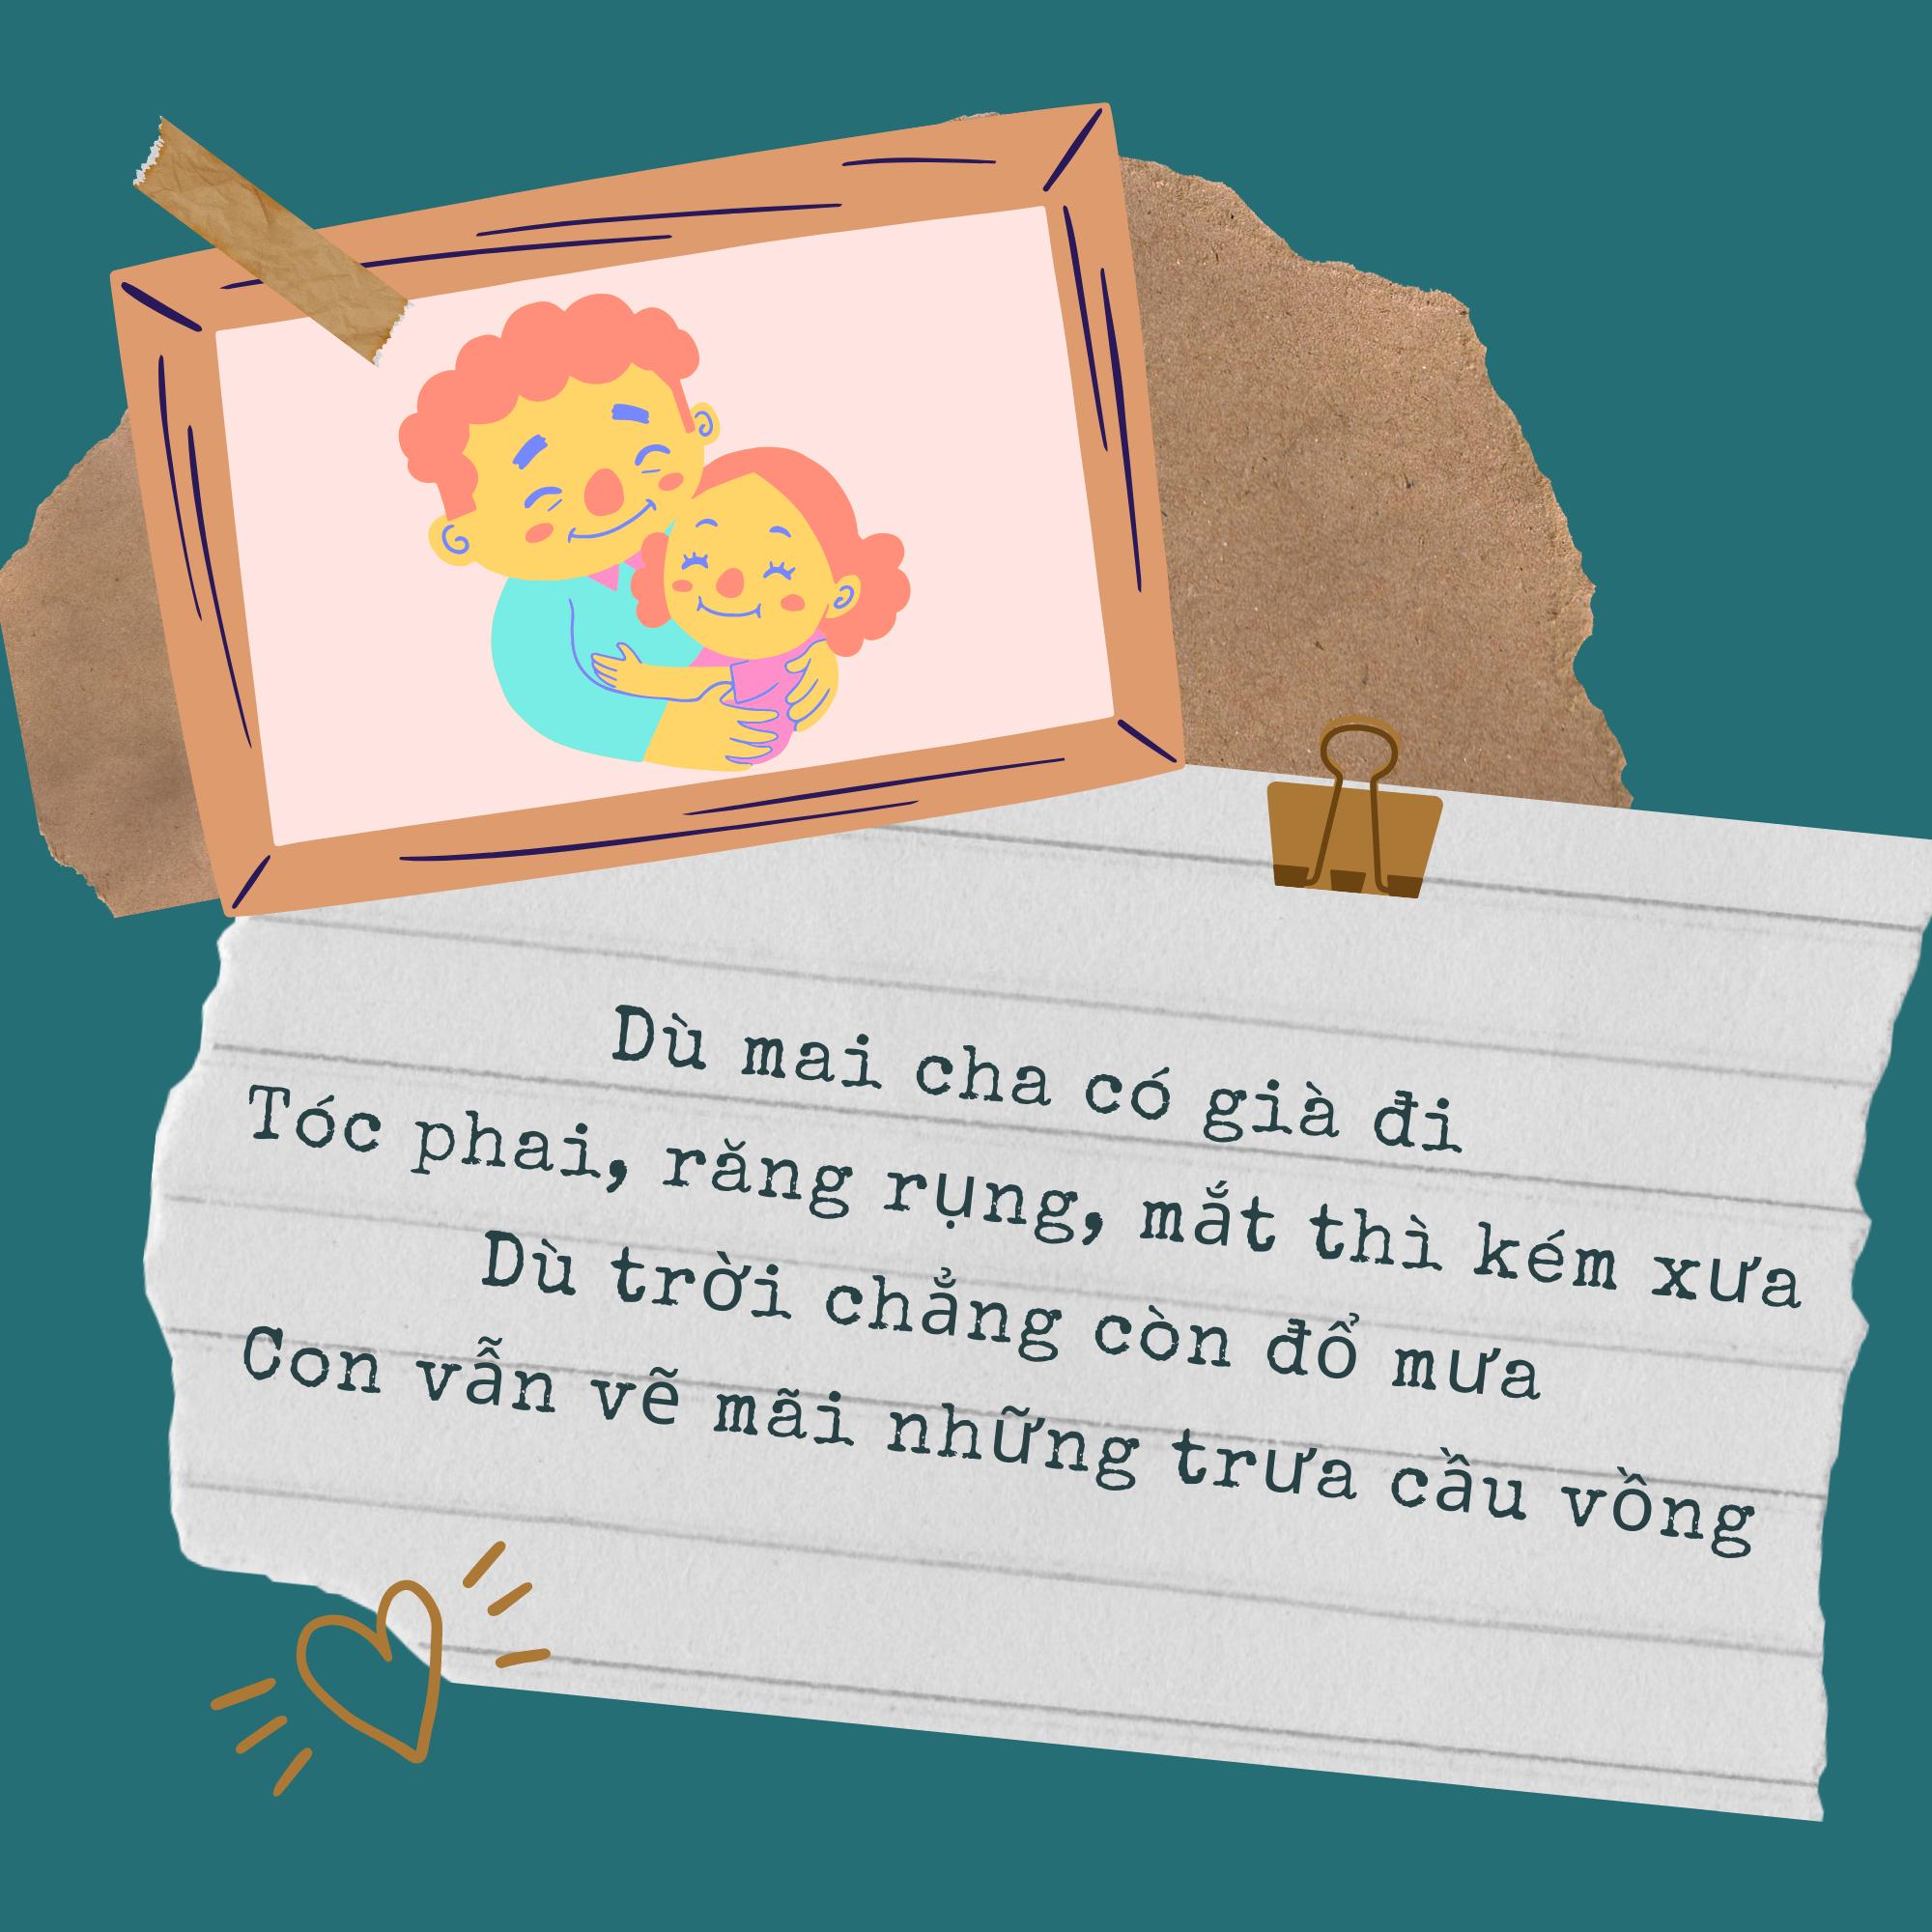 Tham khảo những câu thơ ngắn nói về cha đong đầy ý nghĩa - Ảnh 2.